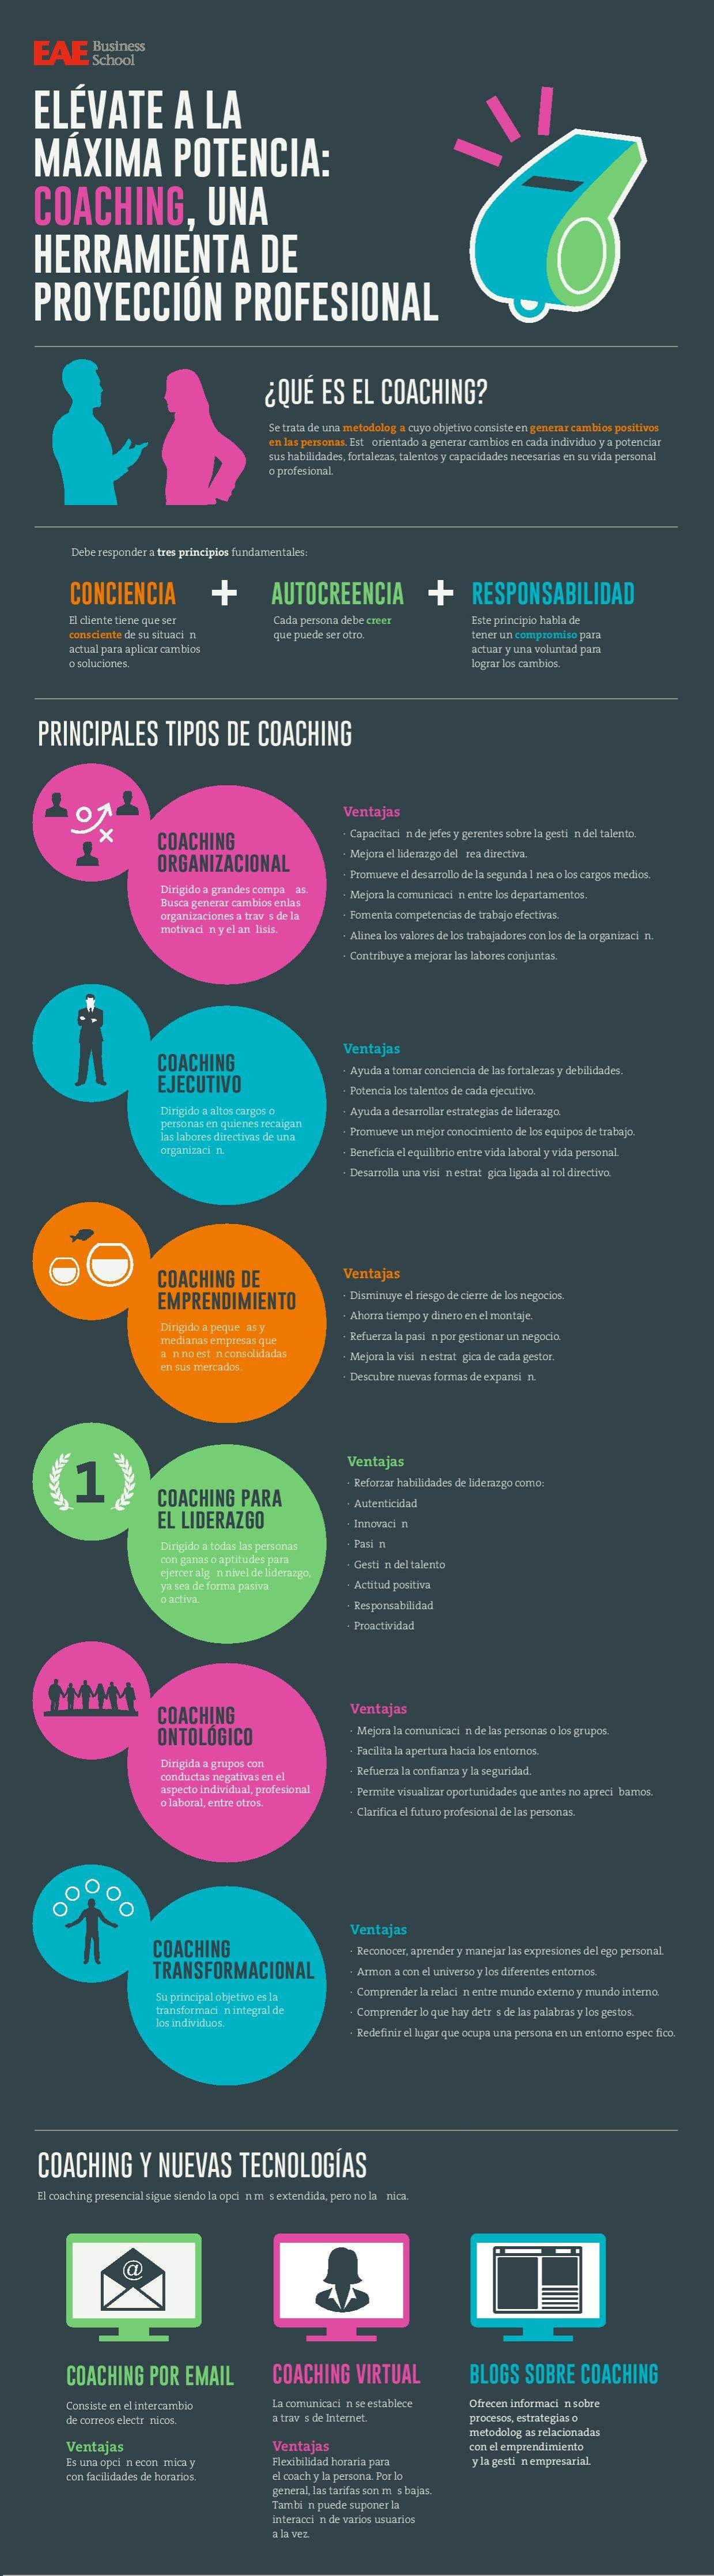 infografía de coaching